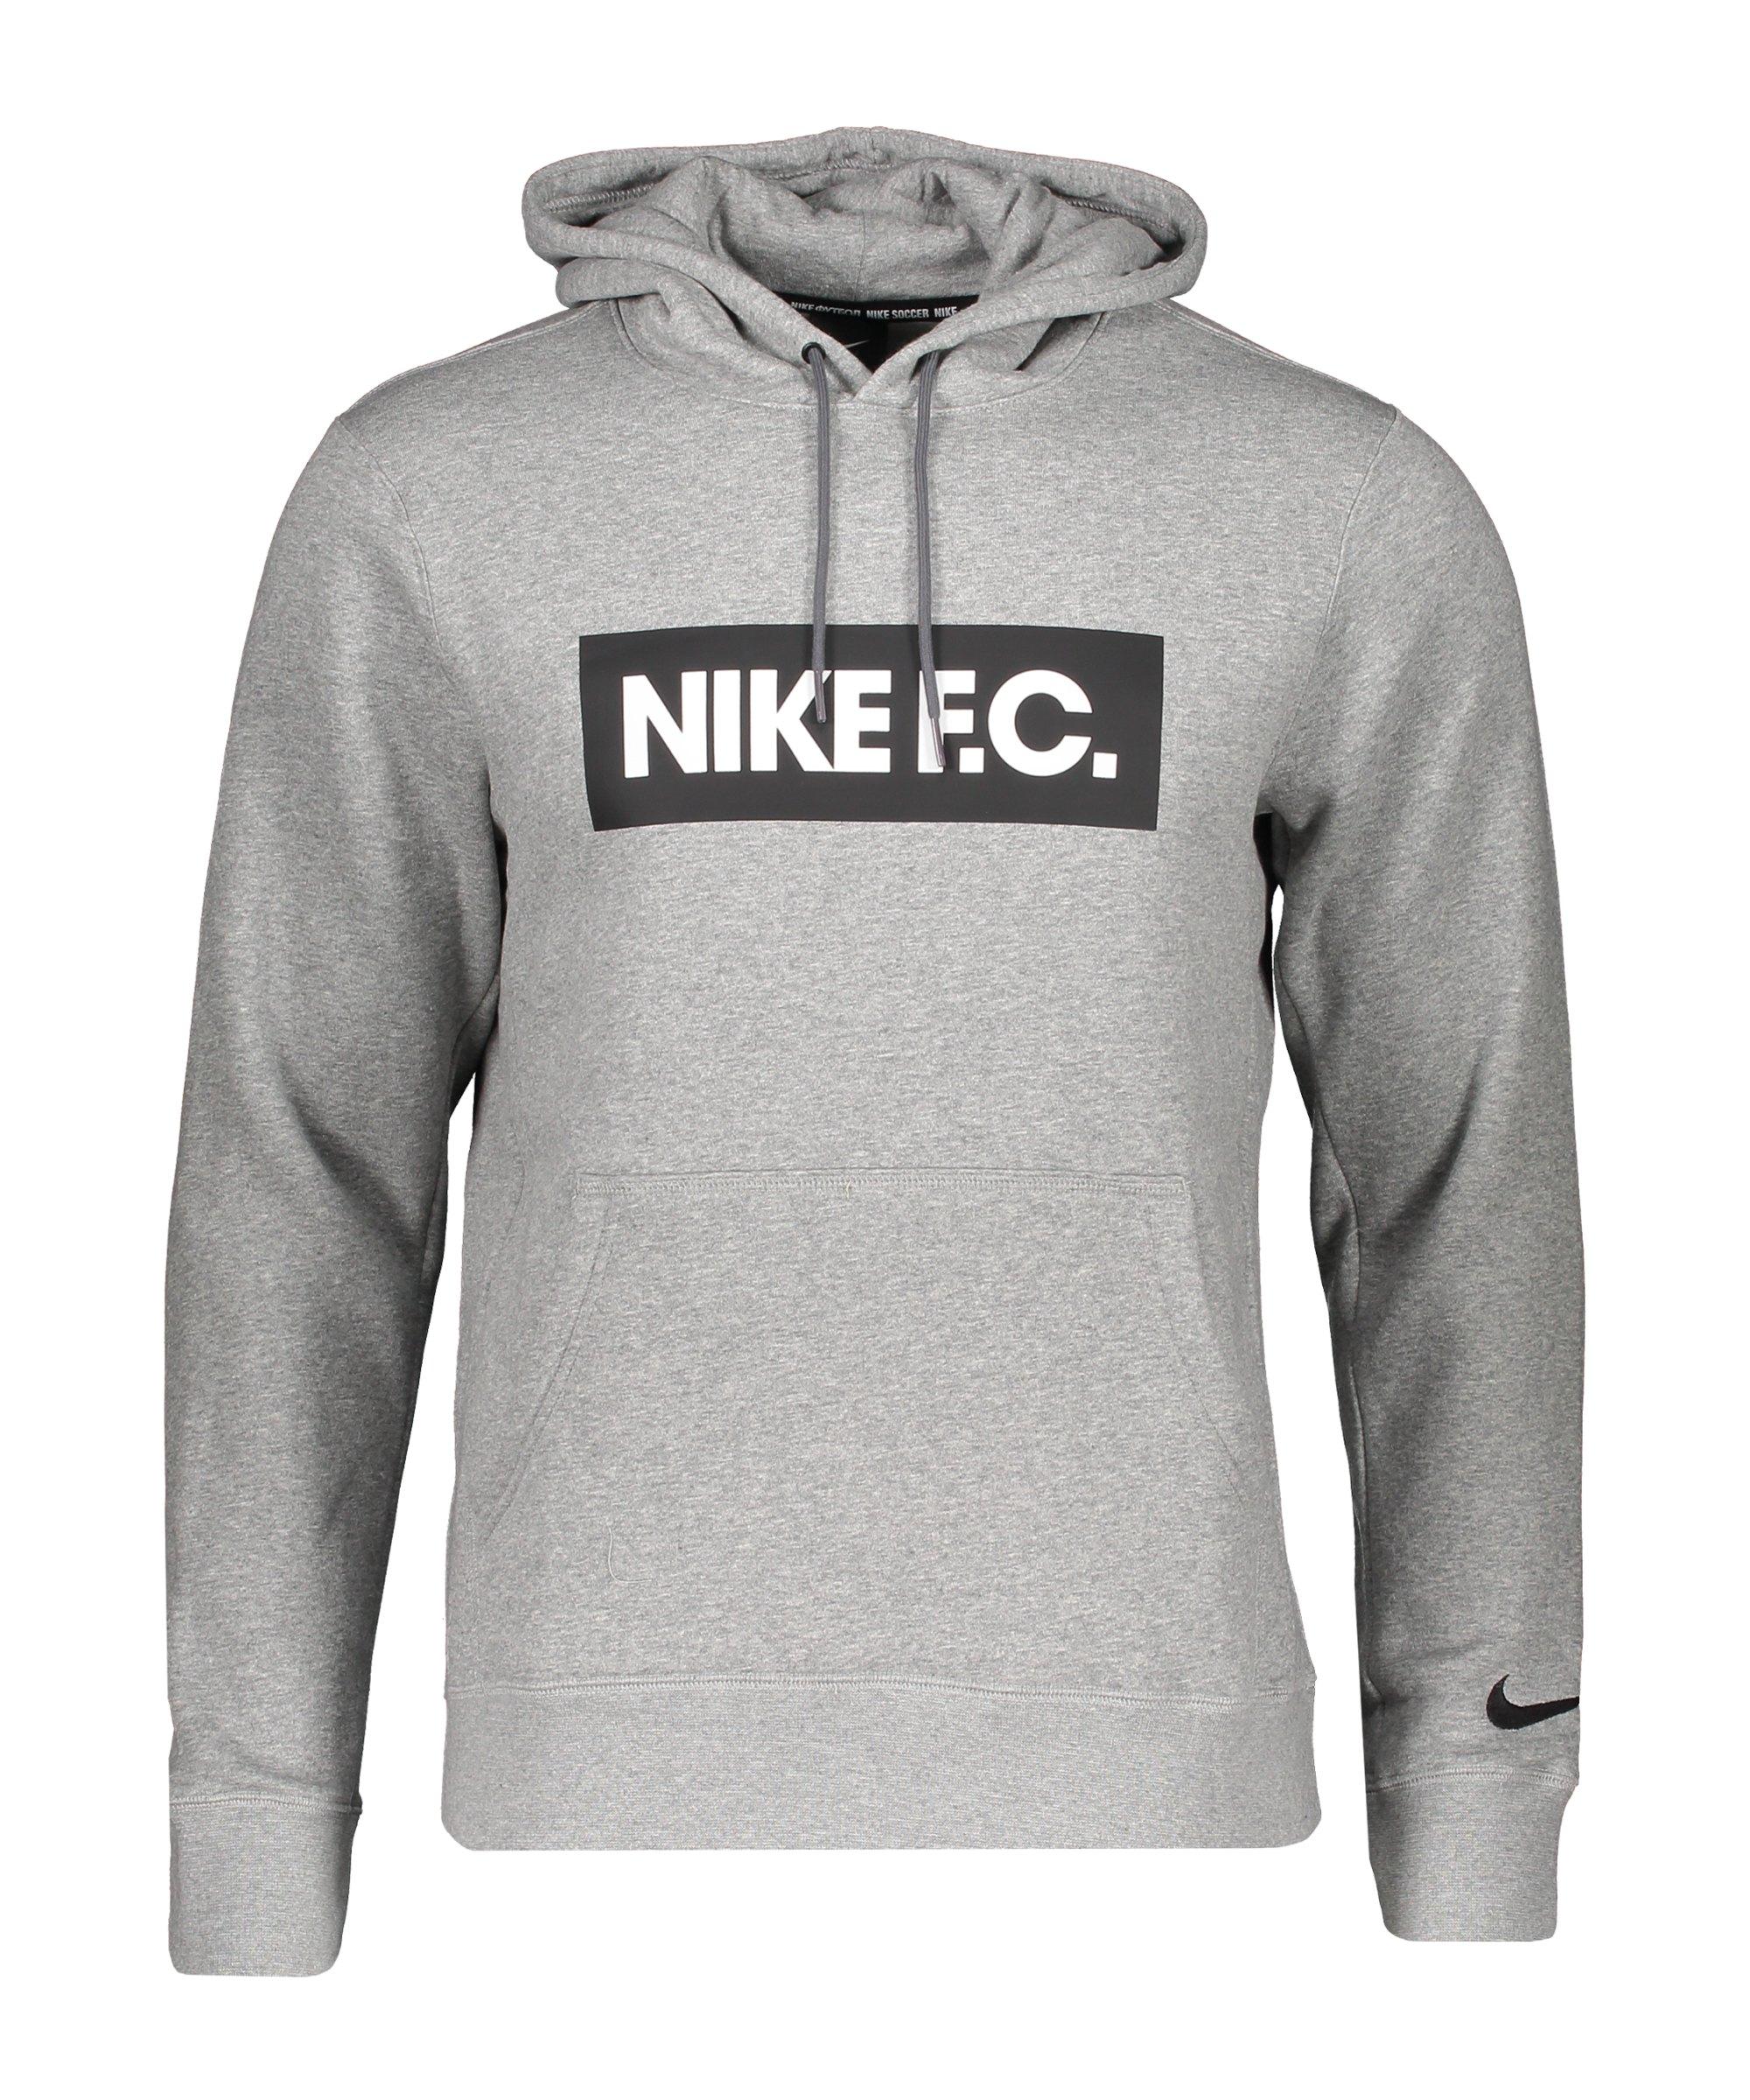 Nike F.C. Fleece Kapuzensweatshirt Grau F021 - grau